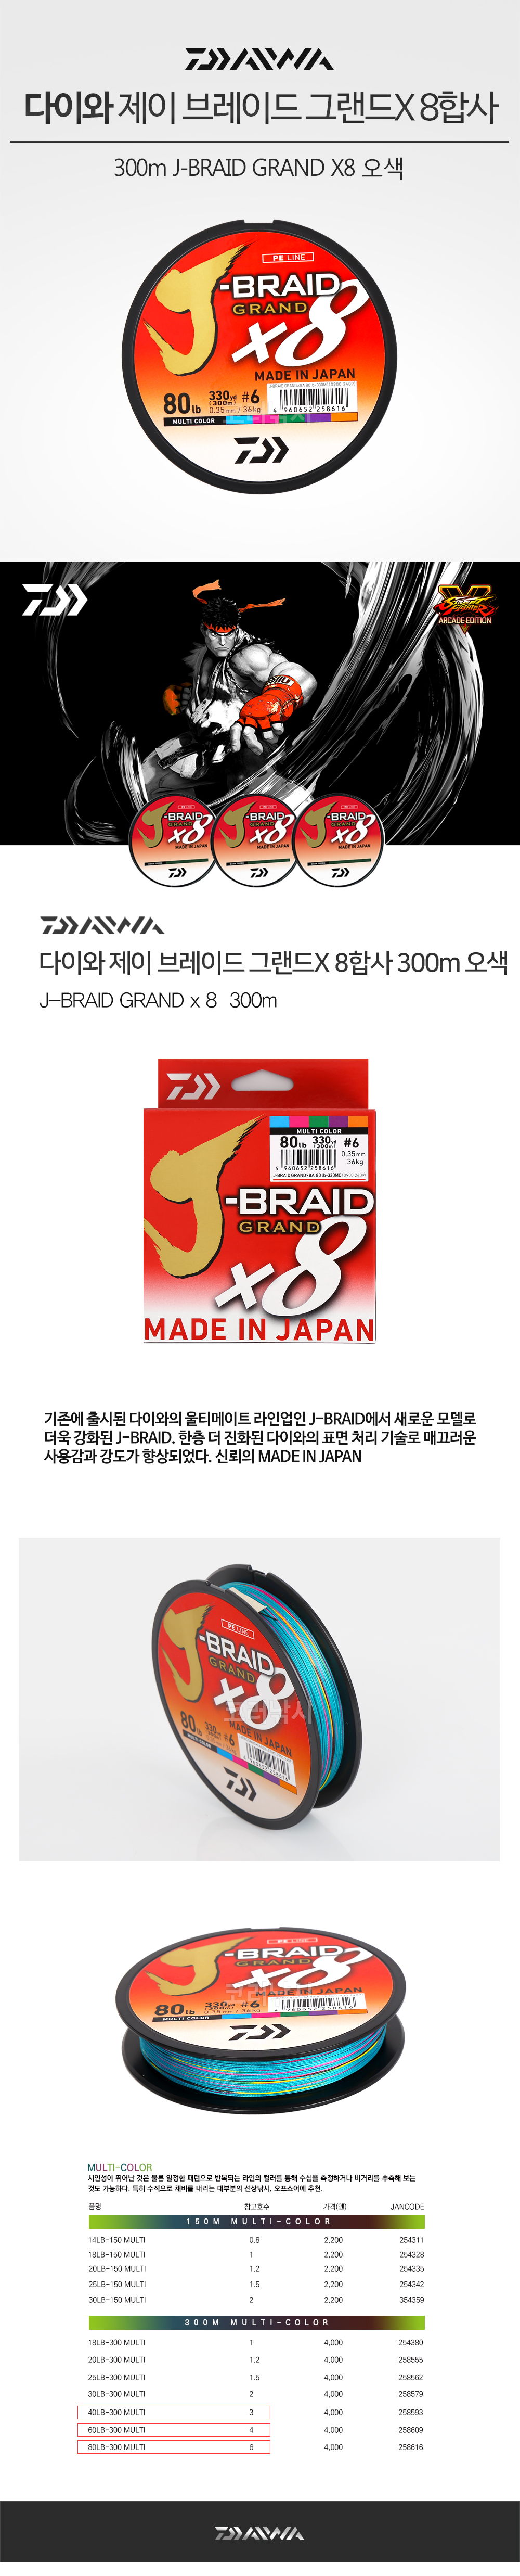 다이와 제이 브레이드 그랜드X 8합사 300m J-BRAID GRAND X8 오색 합사 가물치 선상합자 멀티합사